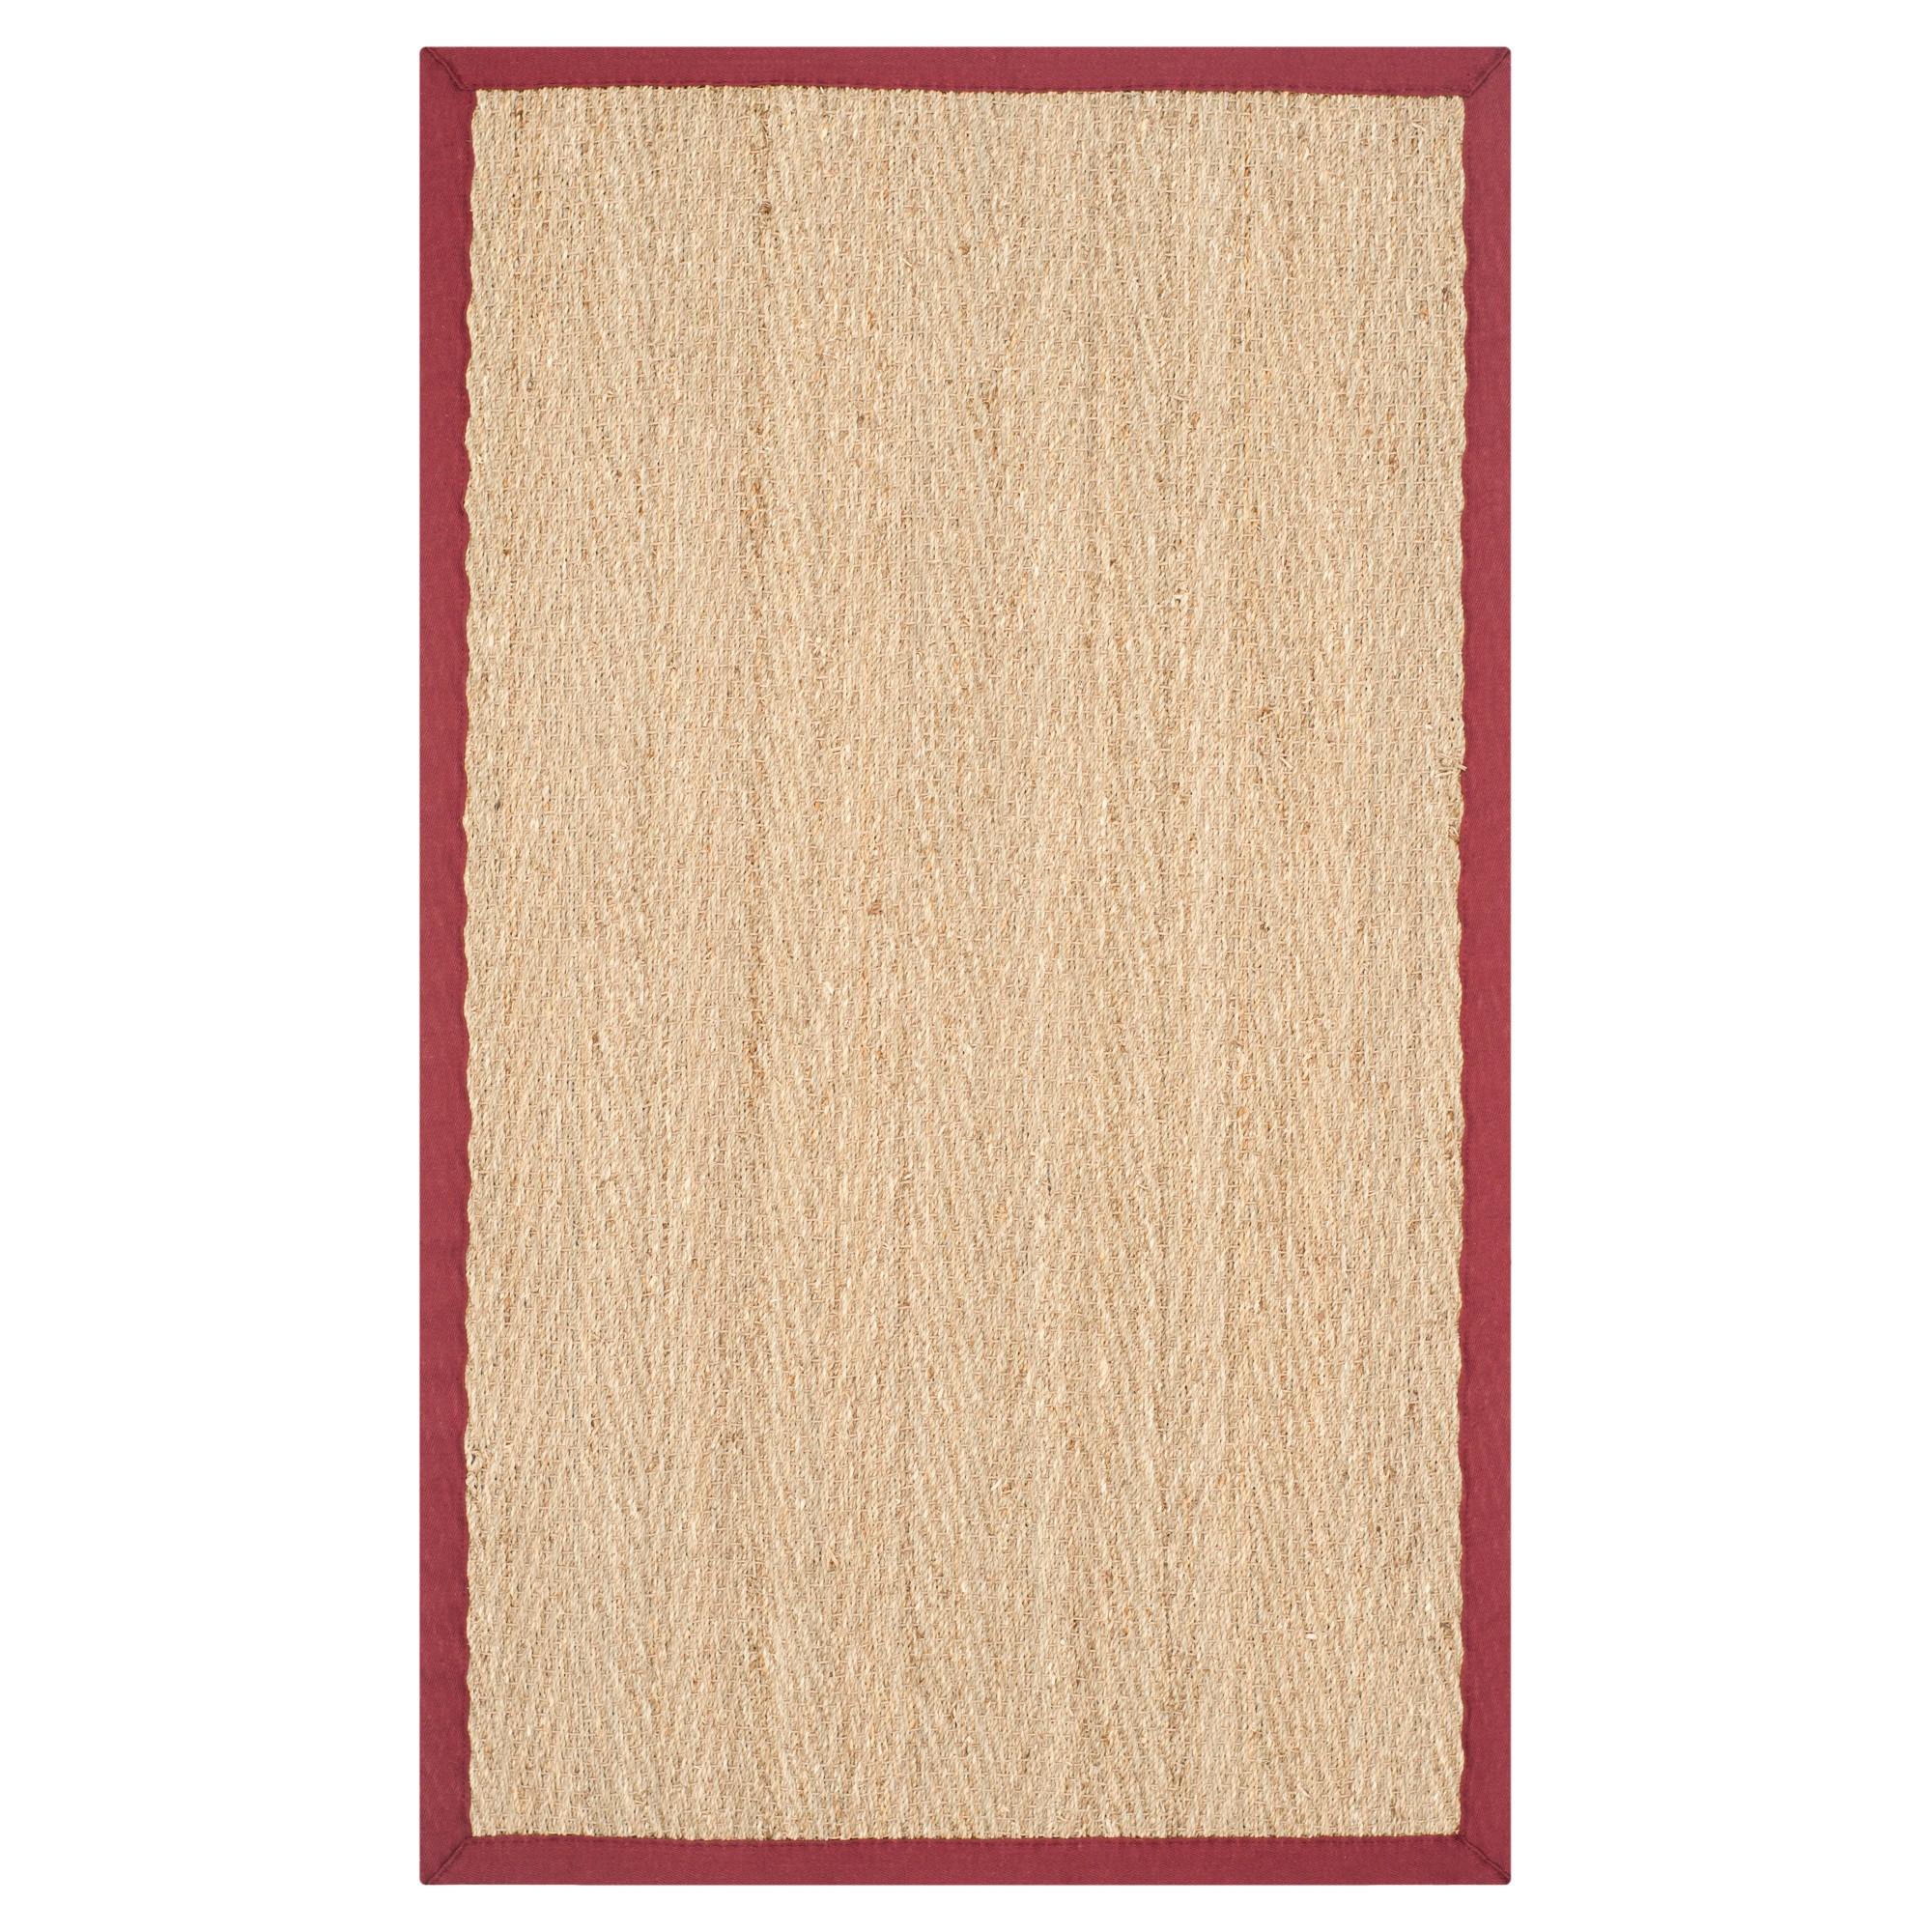 Natural Fiber Rug - Natural/Red - (2'6x4') - Safavieh